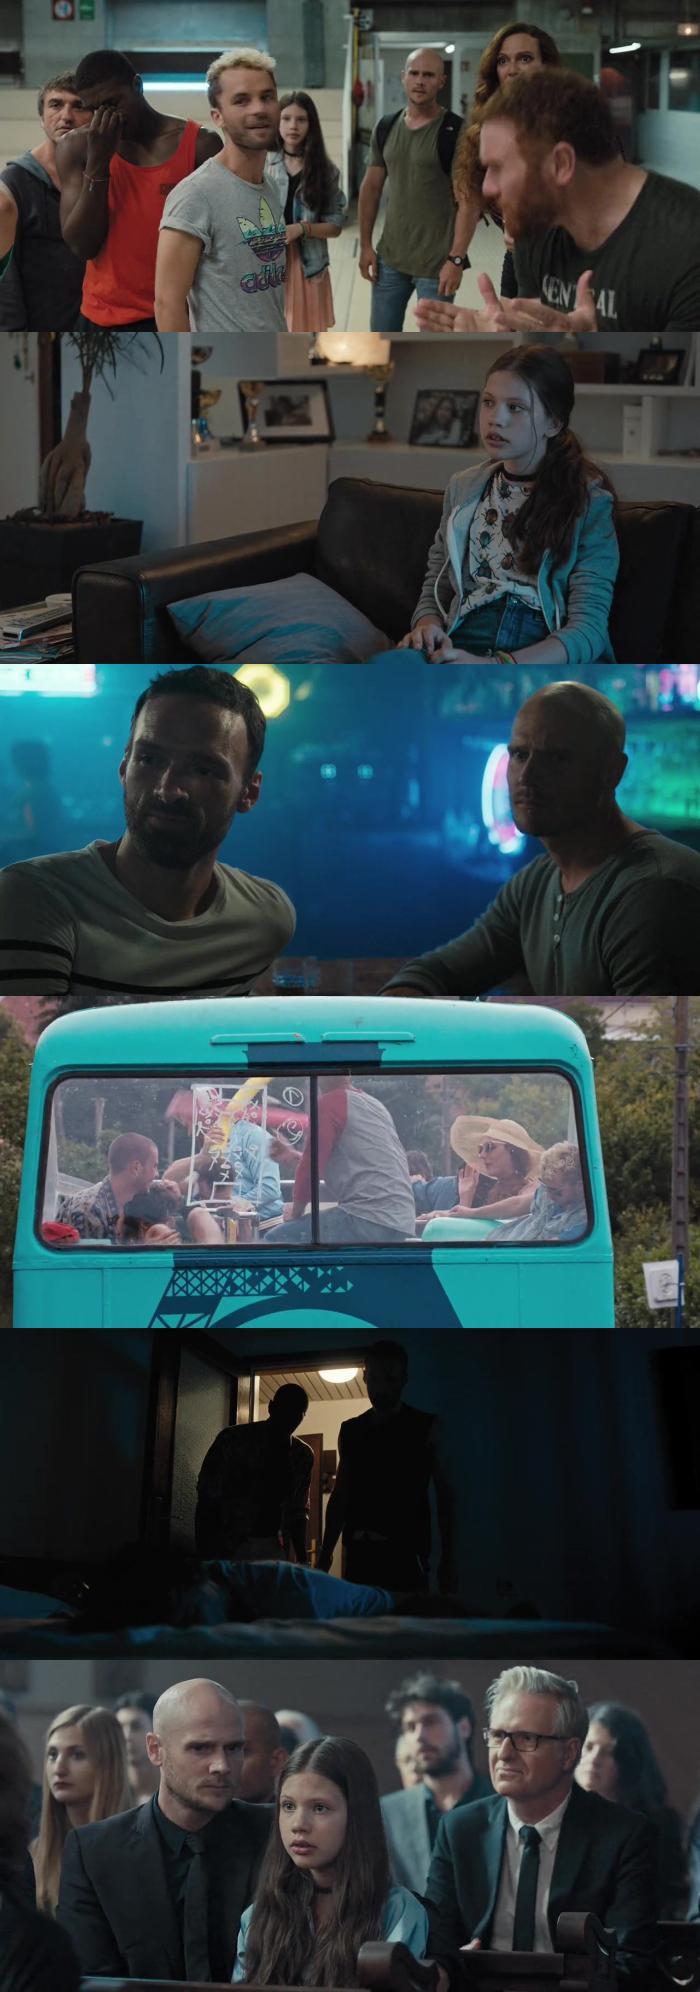 The Shiny Shrimps (2019) 720p BluRay [YTS]